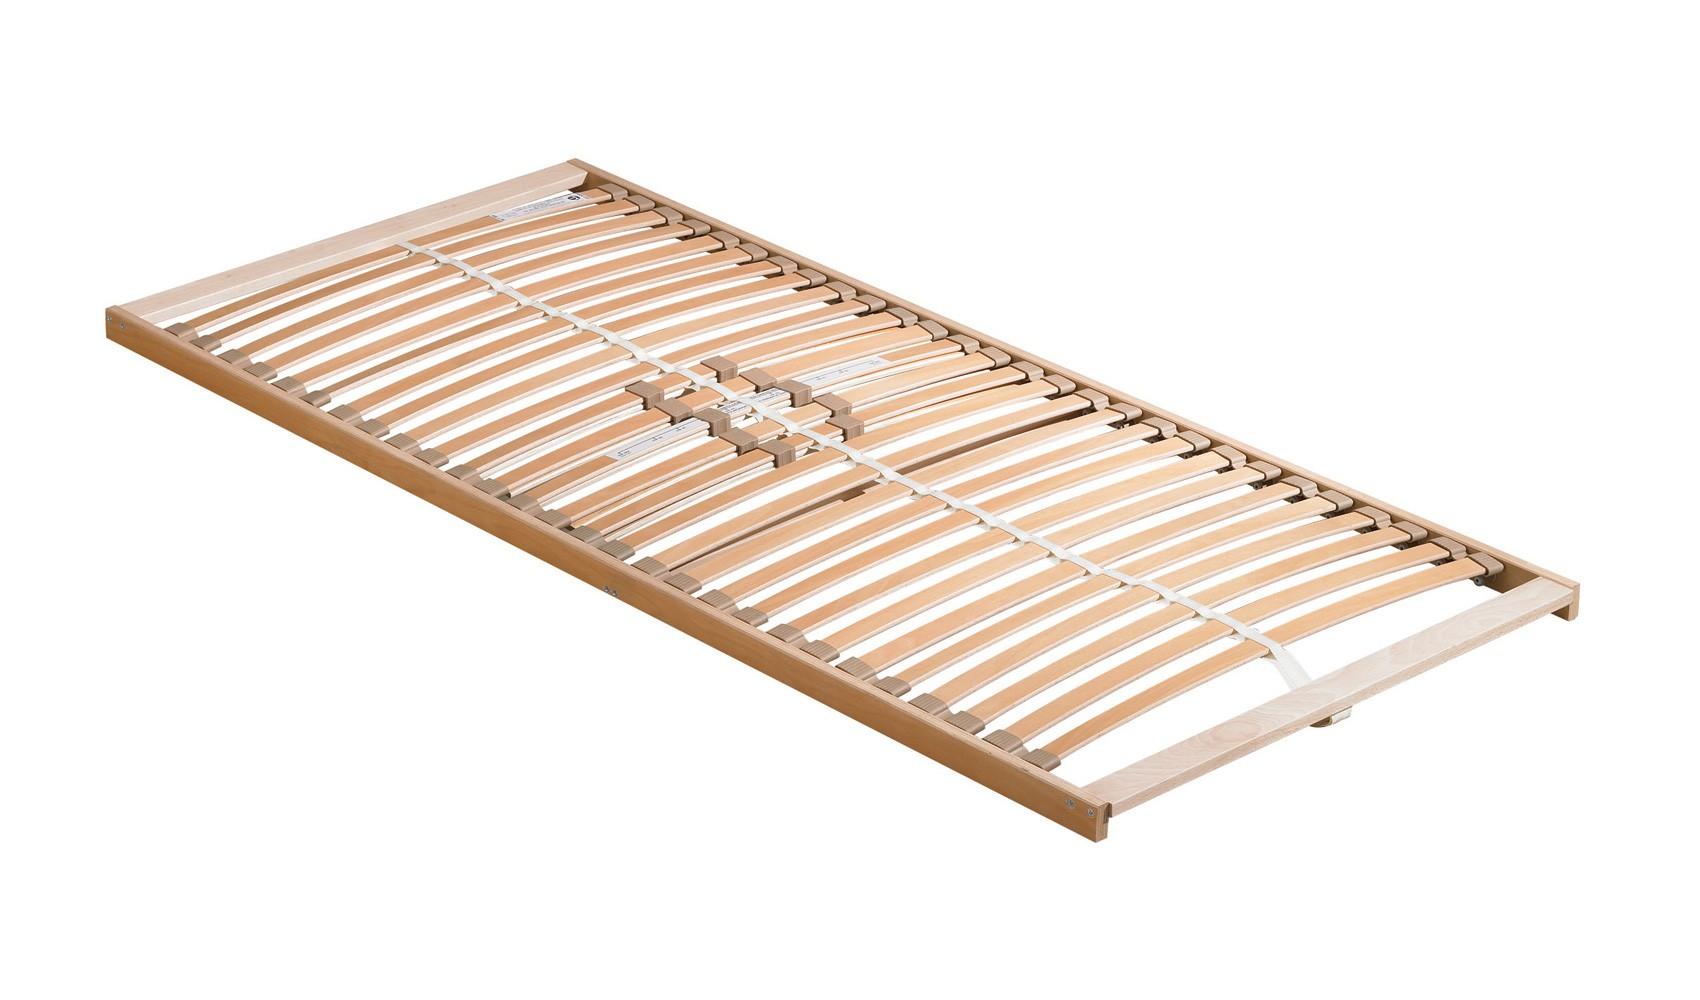 paidi ylvie etagenbett mit 160 cm h he in kreidewei im wallenfels onlineshop. Black Bedroom Furniture Sets. Home Design Ideas